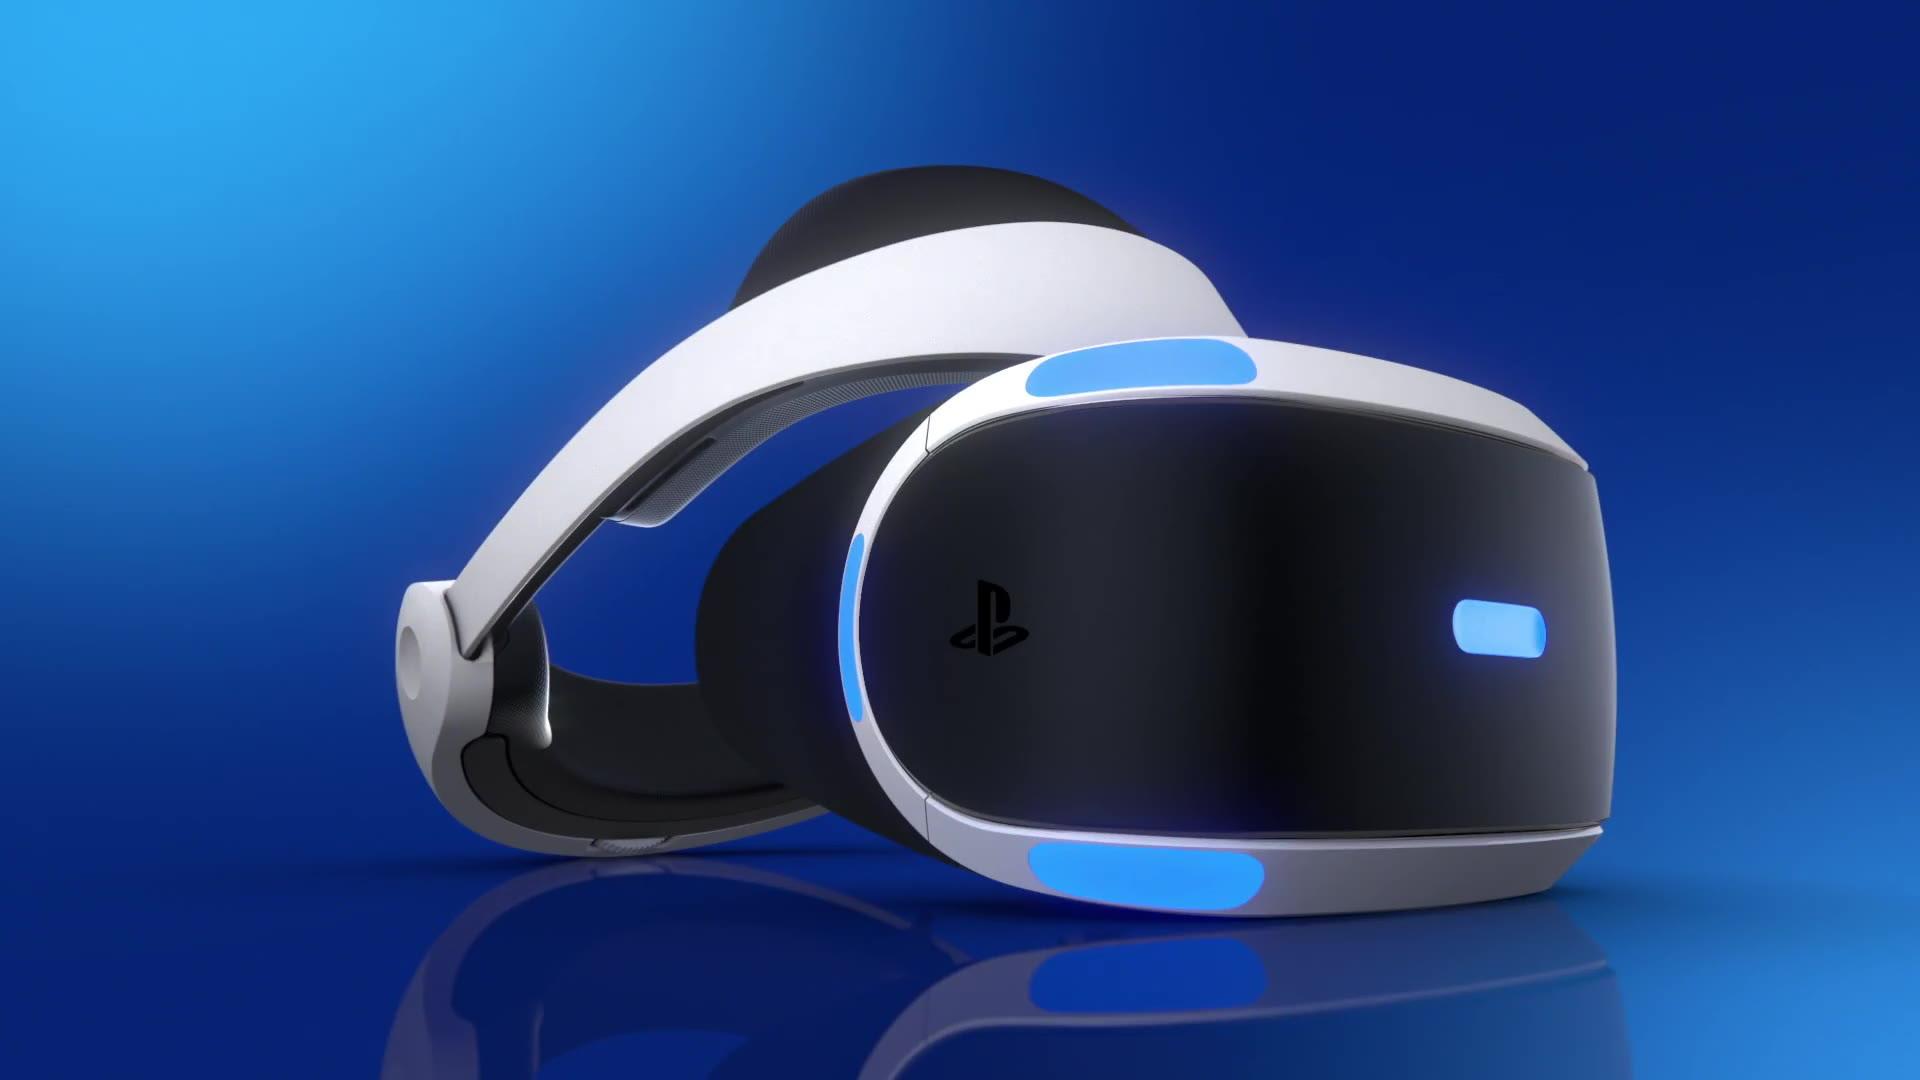 هدست واقعیت مجازی,PSVR 2,تاریخ عرضه PSVR 2